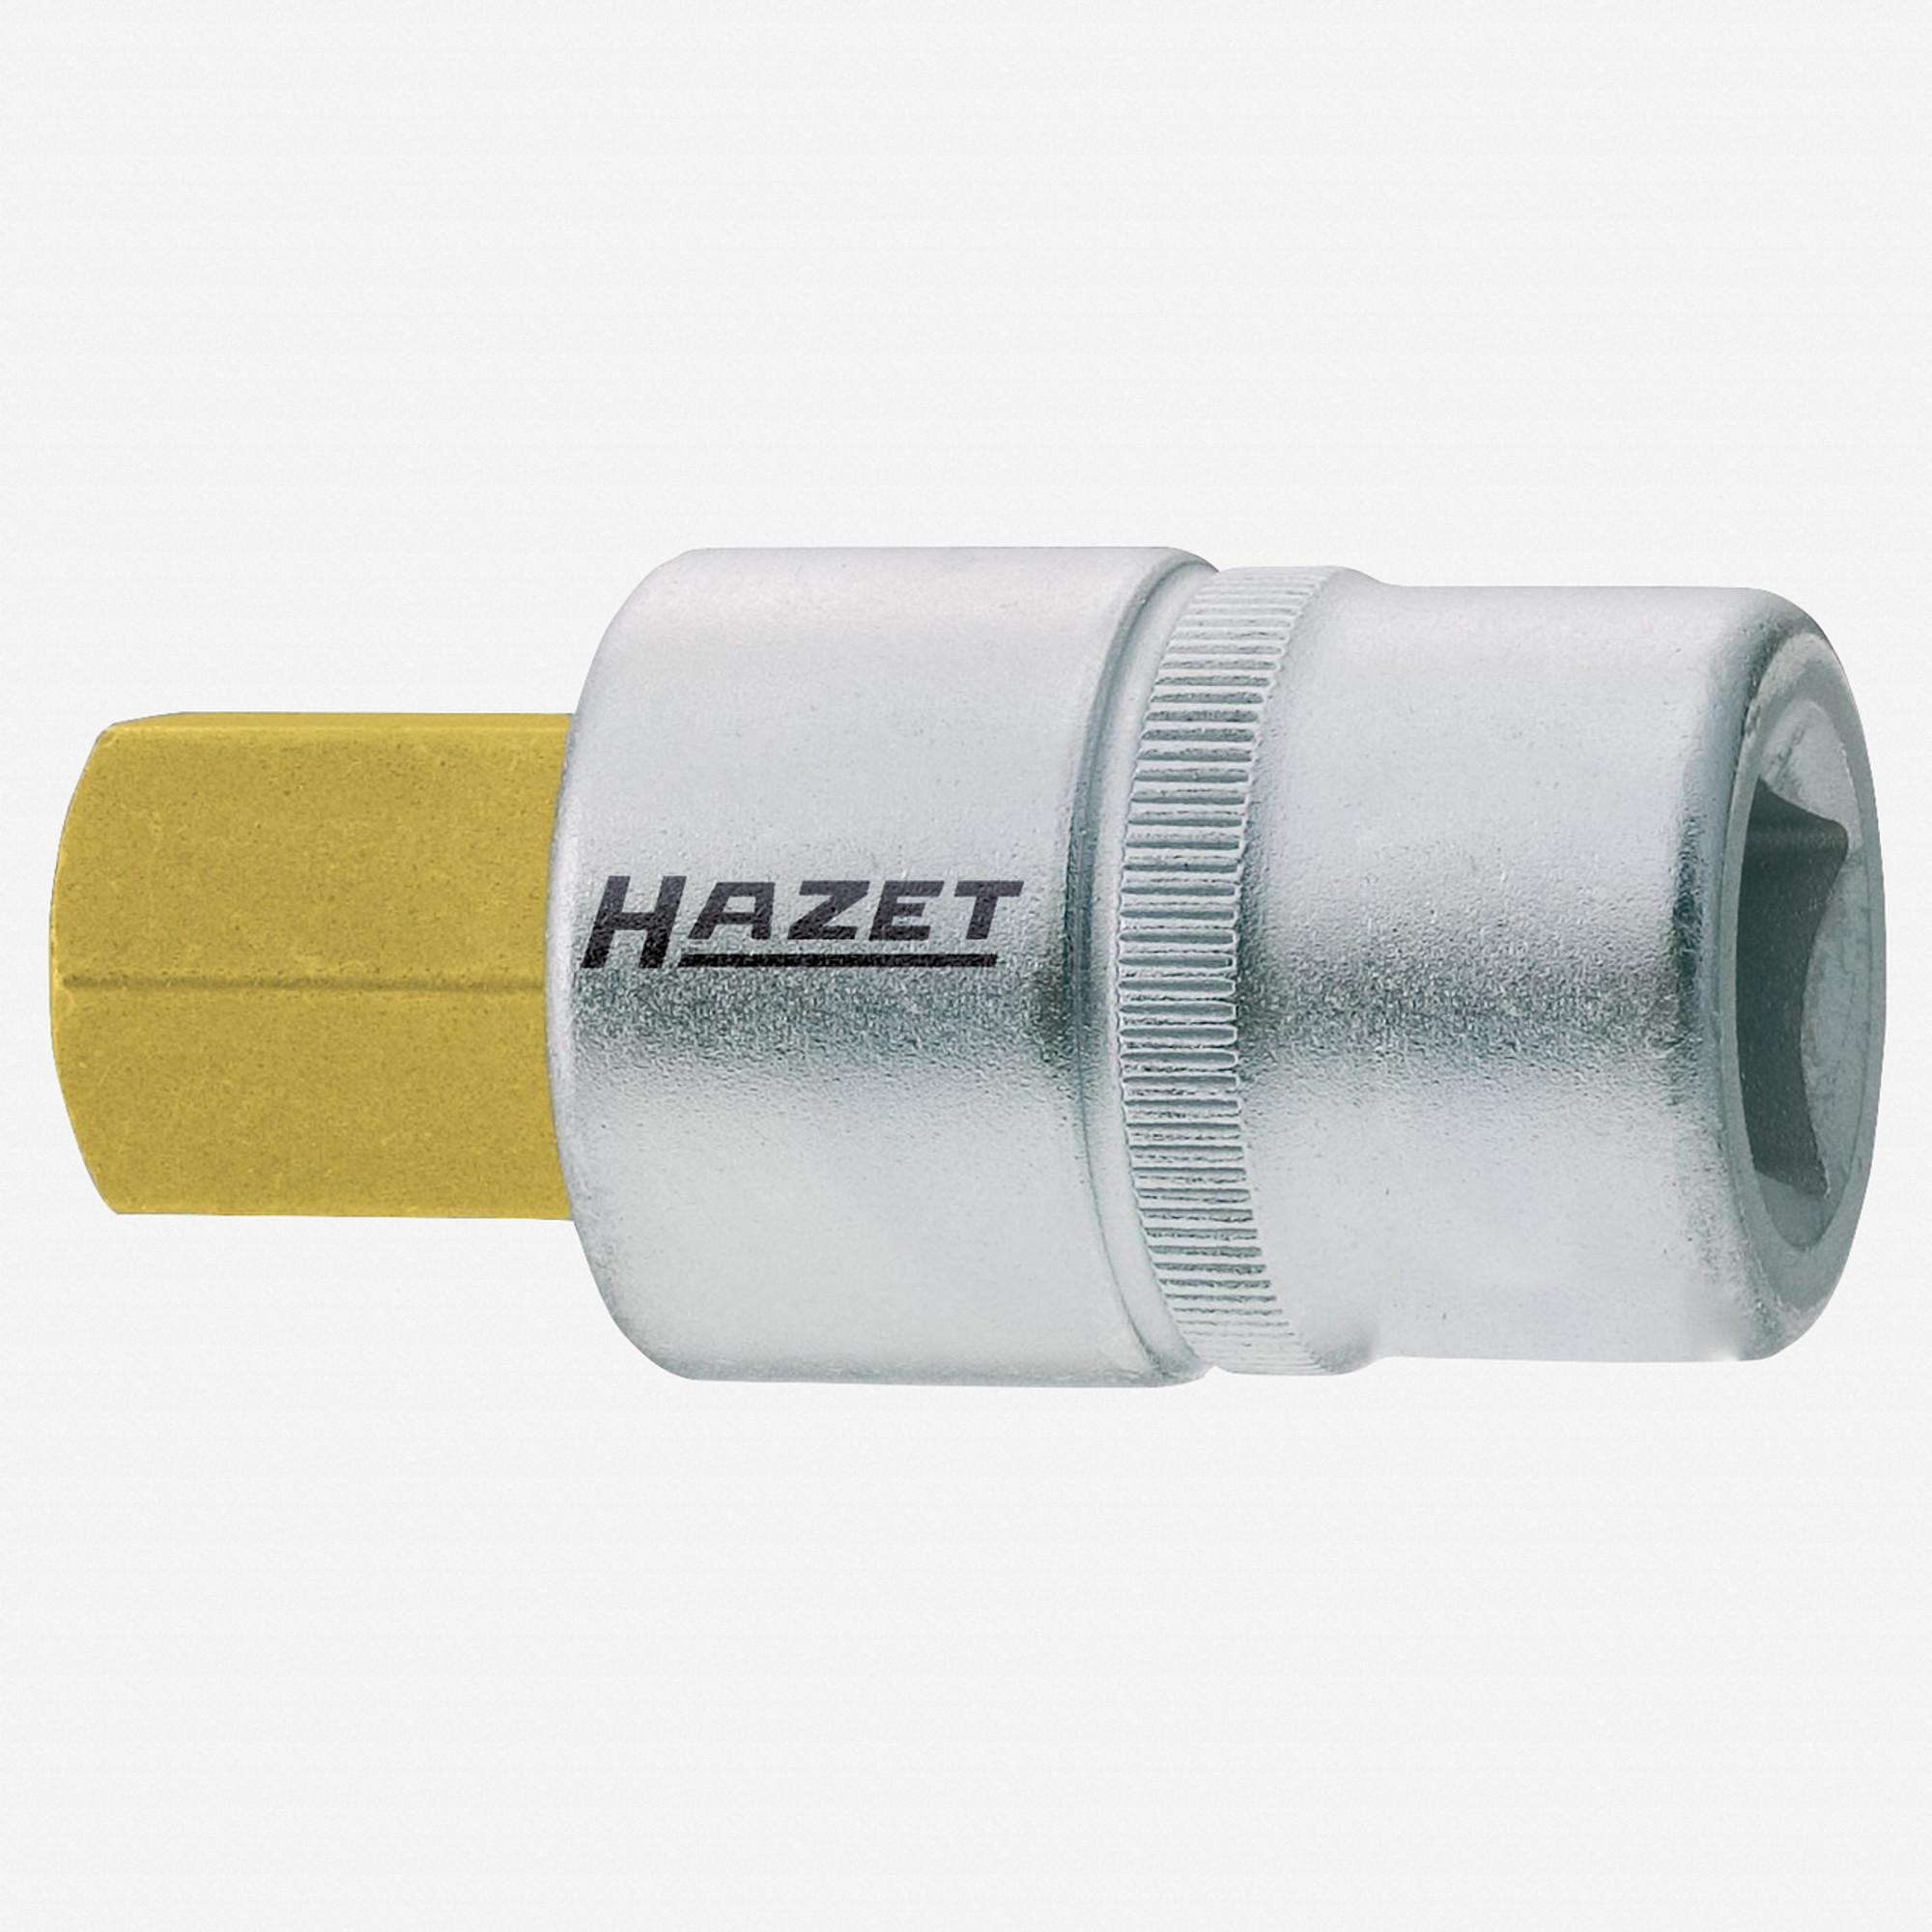 Hazet 986-8 Screwdriver Socket Bits